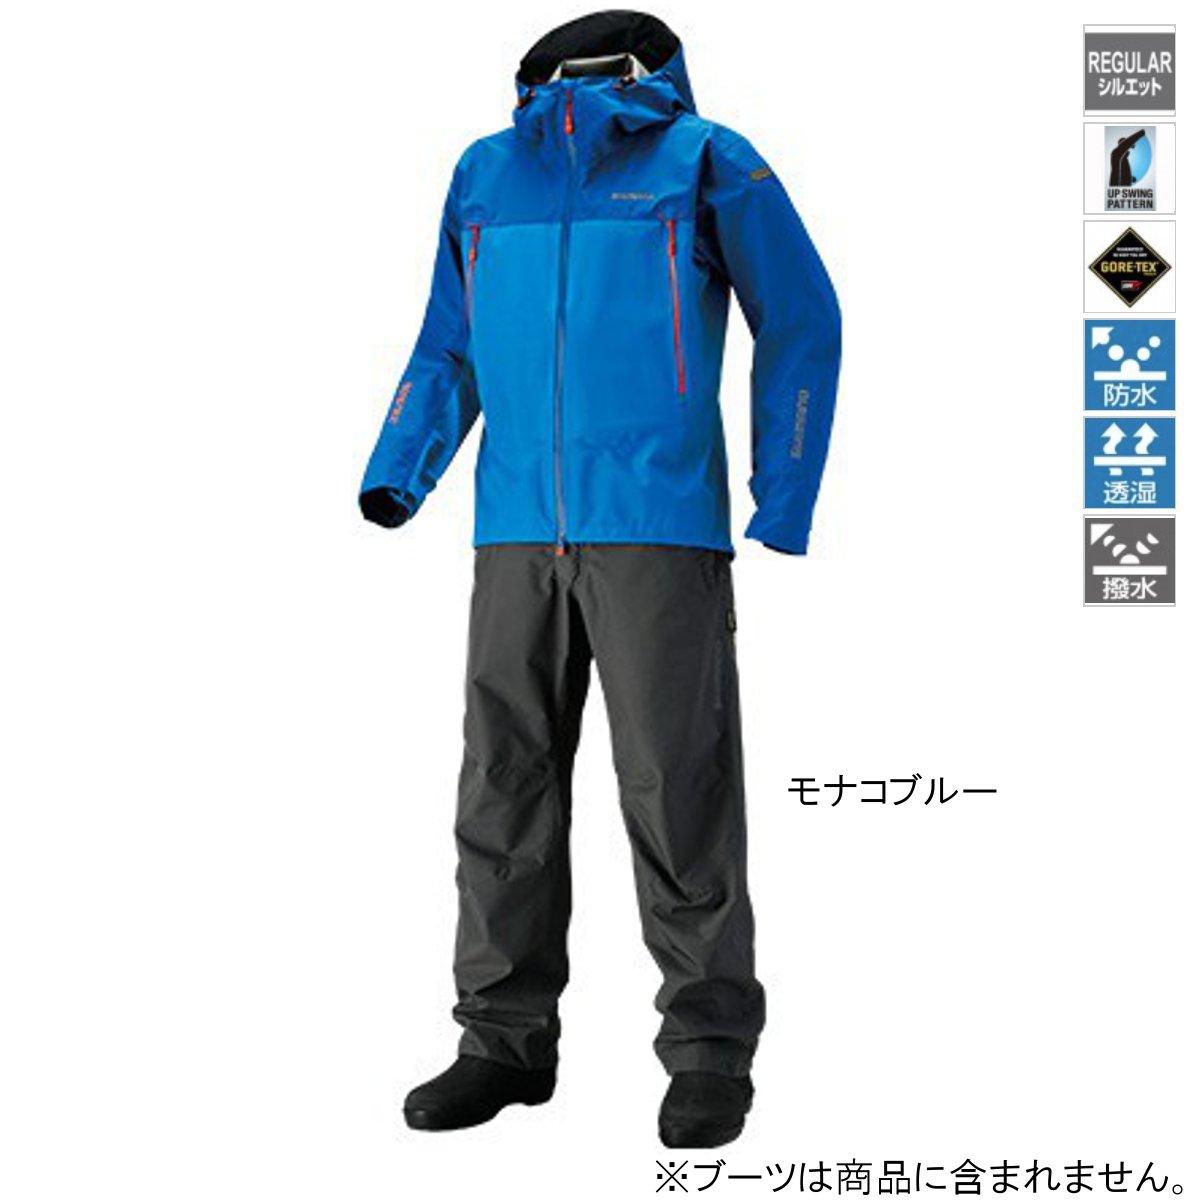 シマノ GORE-TEX ベーシックスーツ RA-017R 2XL モナコブルー(東日本店)